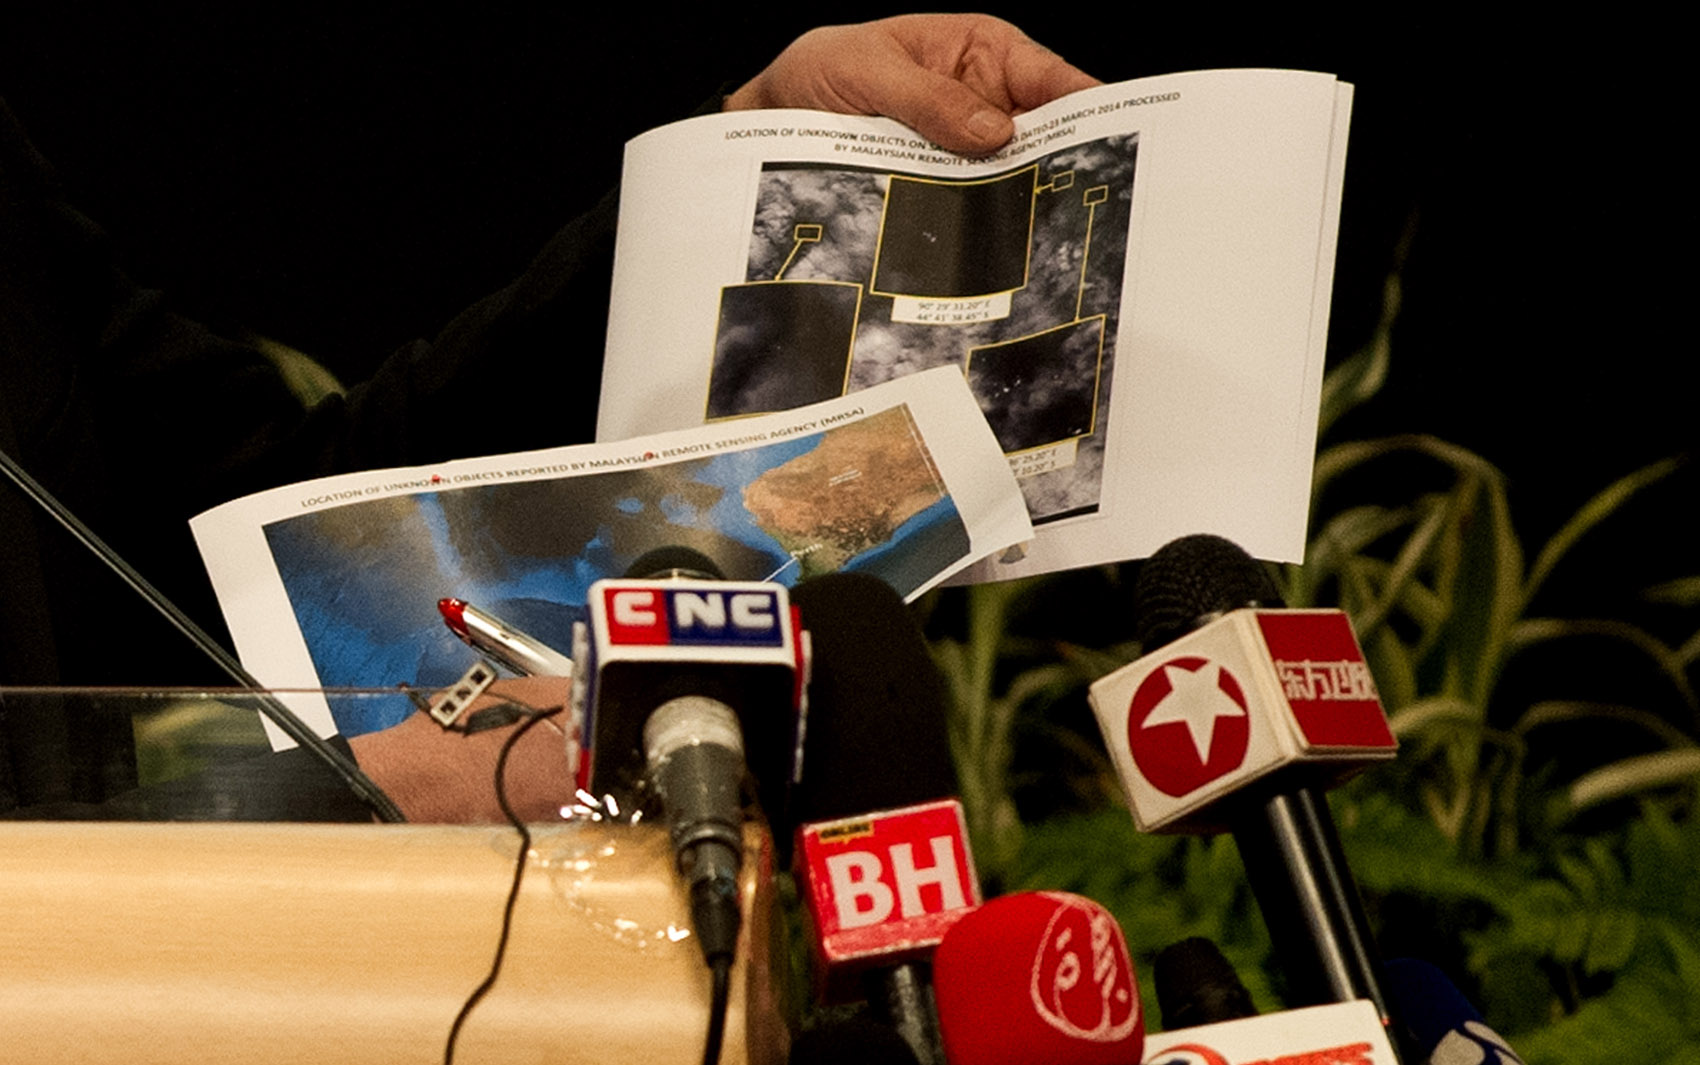 26/3 - Novas imagens de satélite revelam a presença de 122 objetos em uma das áreas de busca do sul do Oceano Índico, onde caiu o voo MH370 da Malaysia Airlines